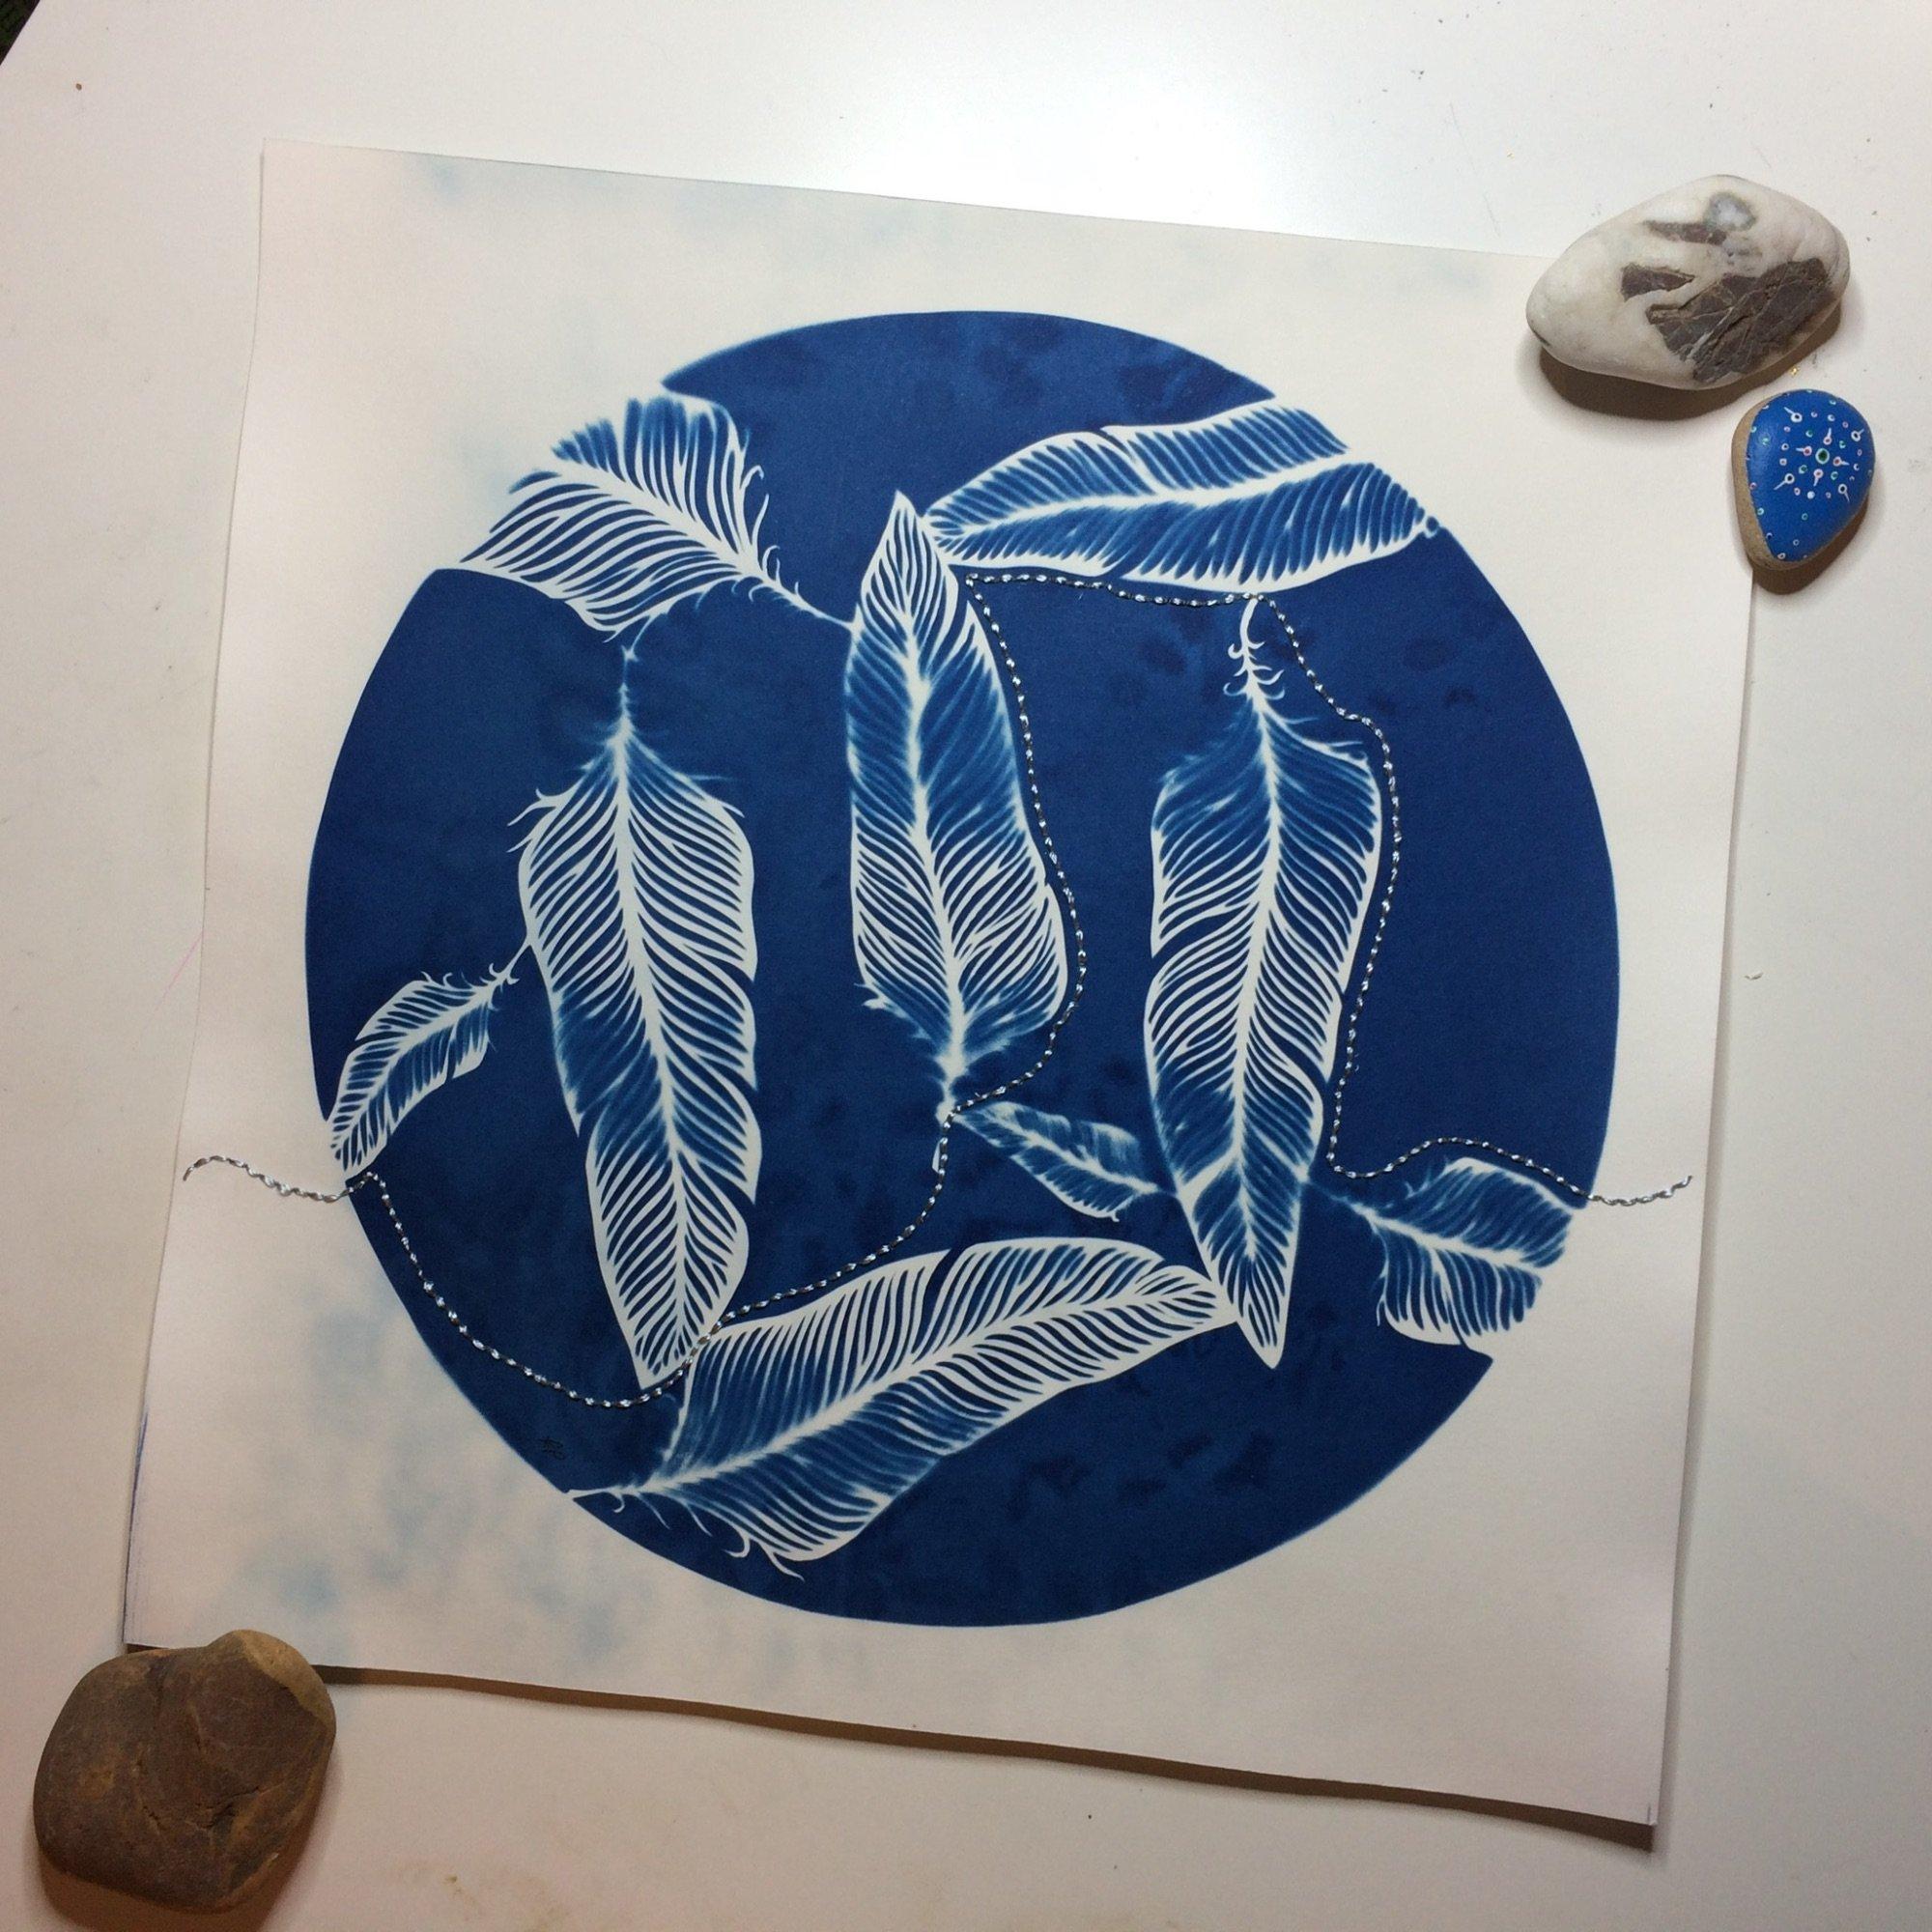 Stitched Cyanotype Print by Frances Payne